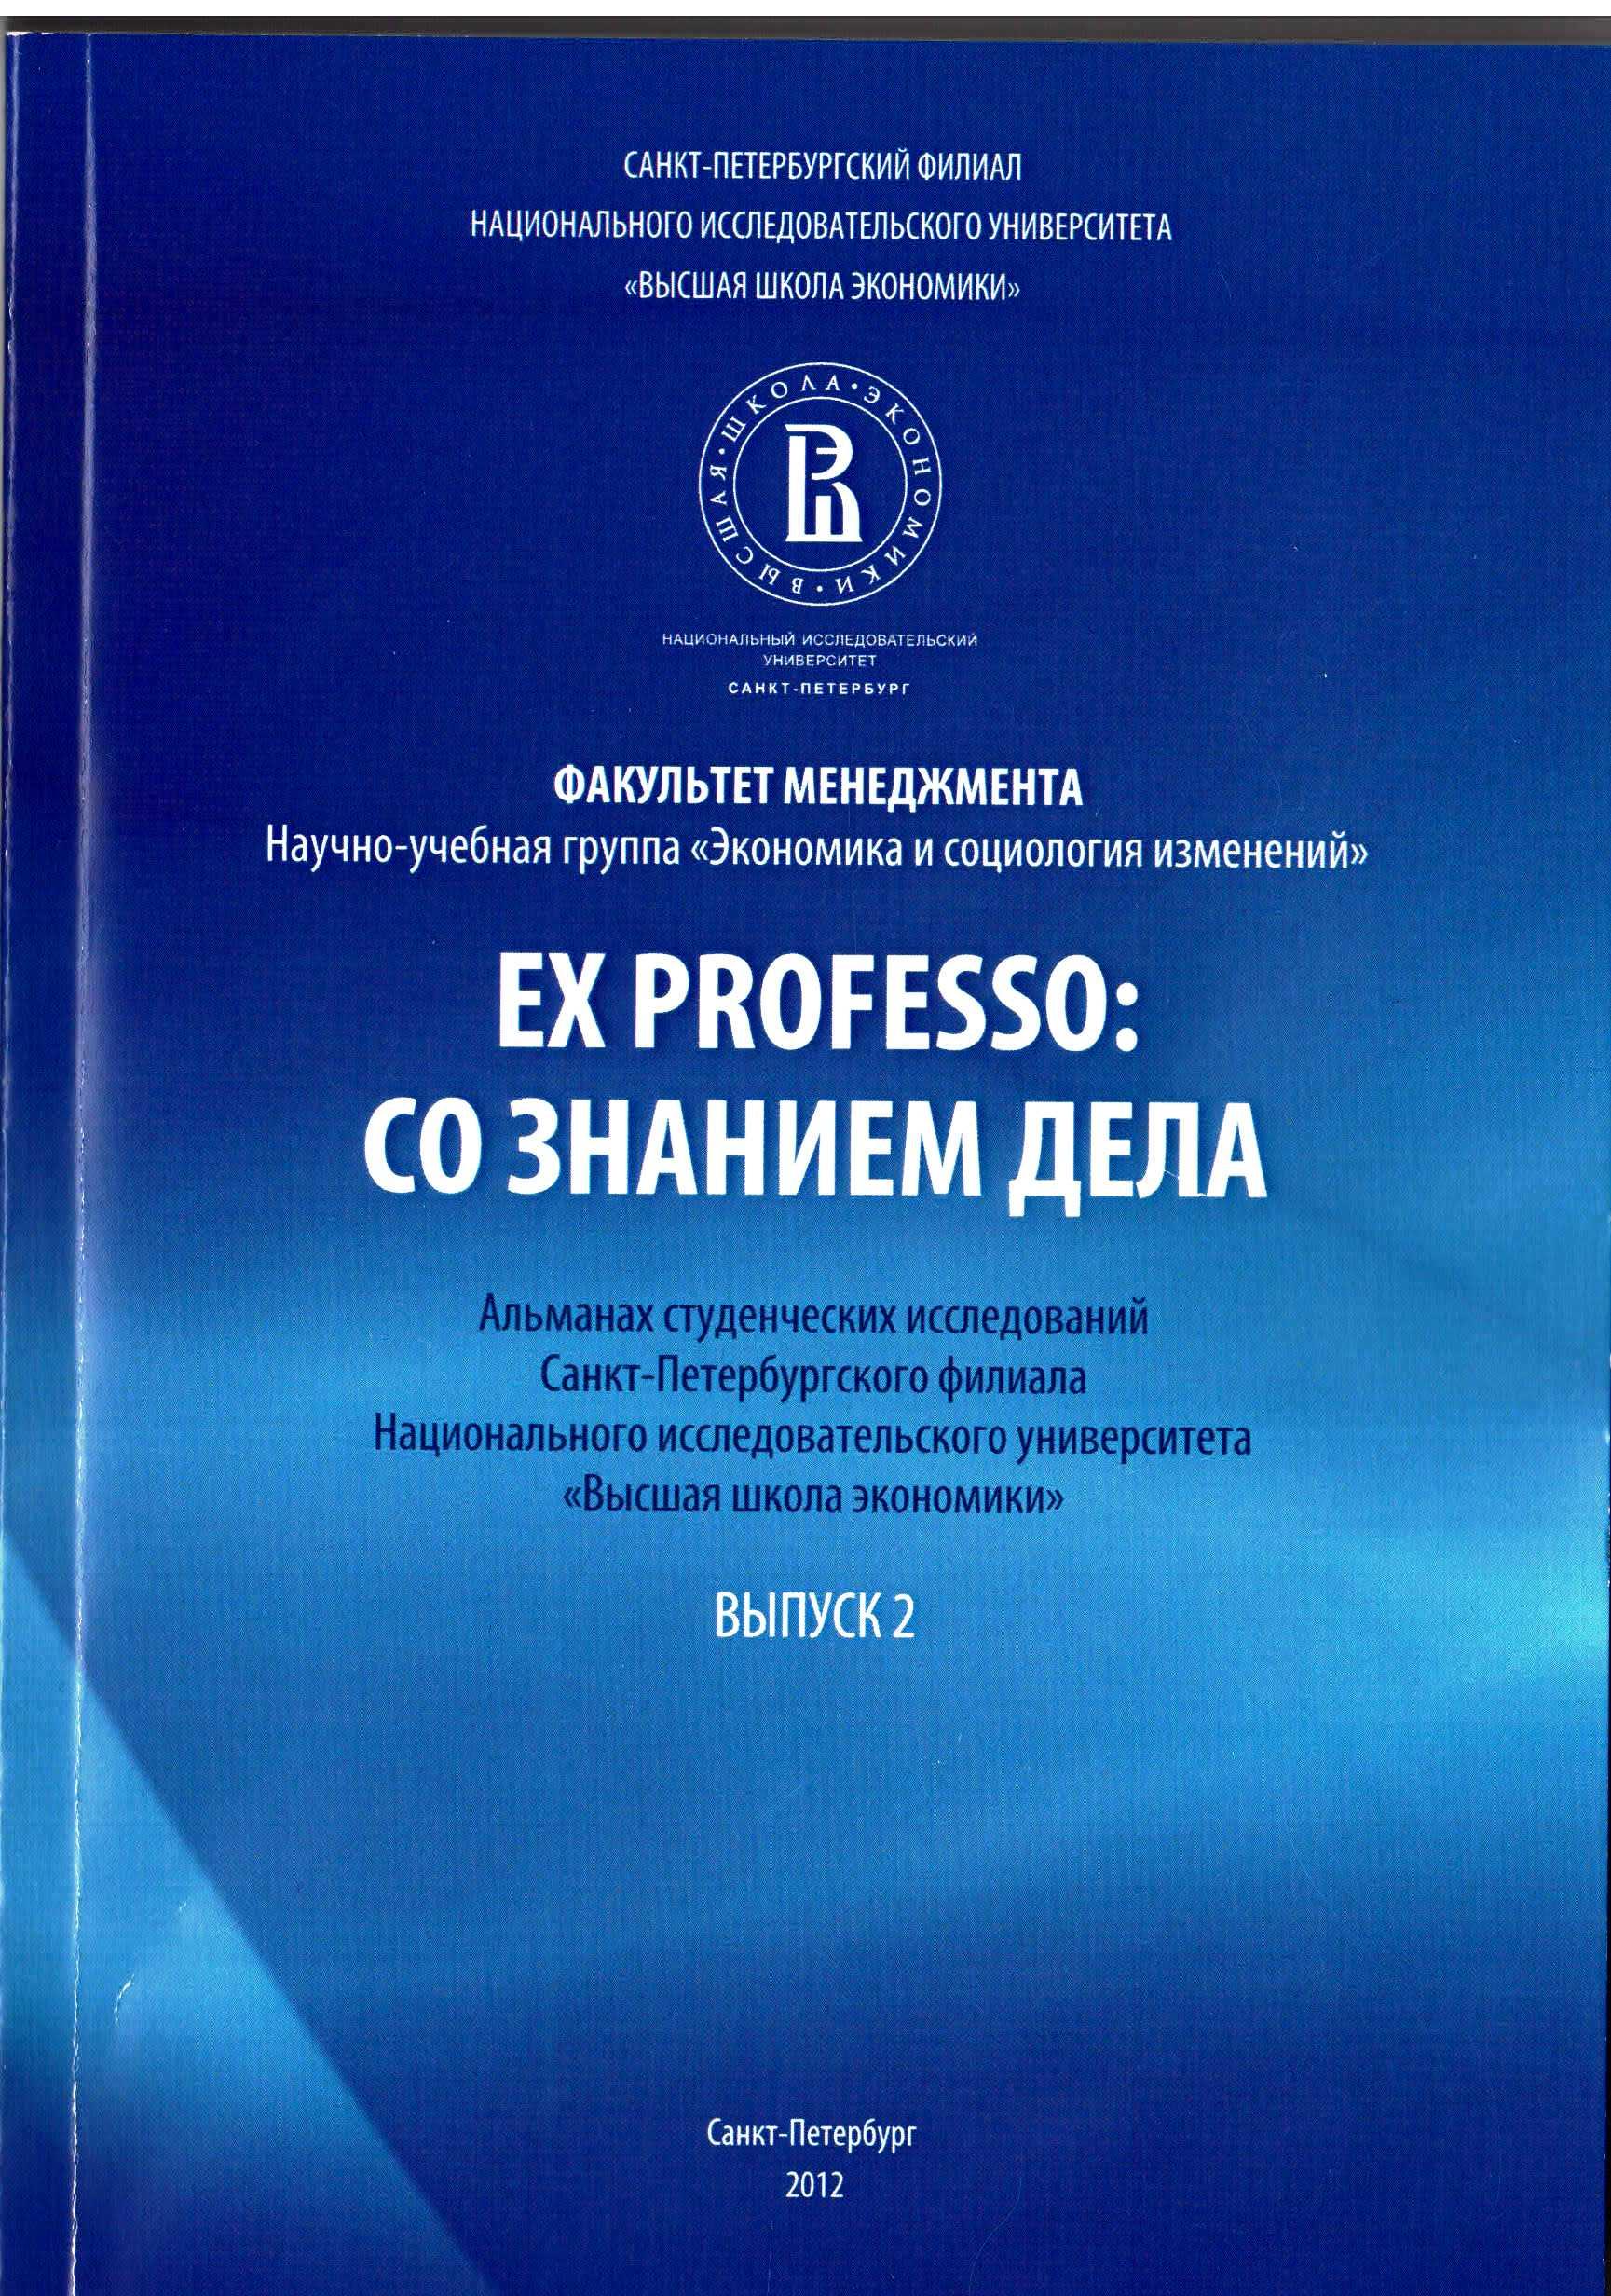 Ex Professo: Со знанием дела: альманах студенческих исследований Санкт-Петербургского филиала НИУ ВШЭ